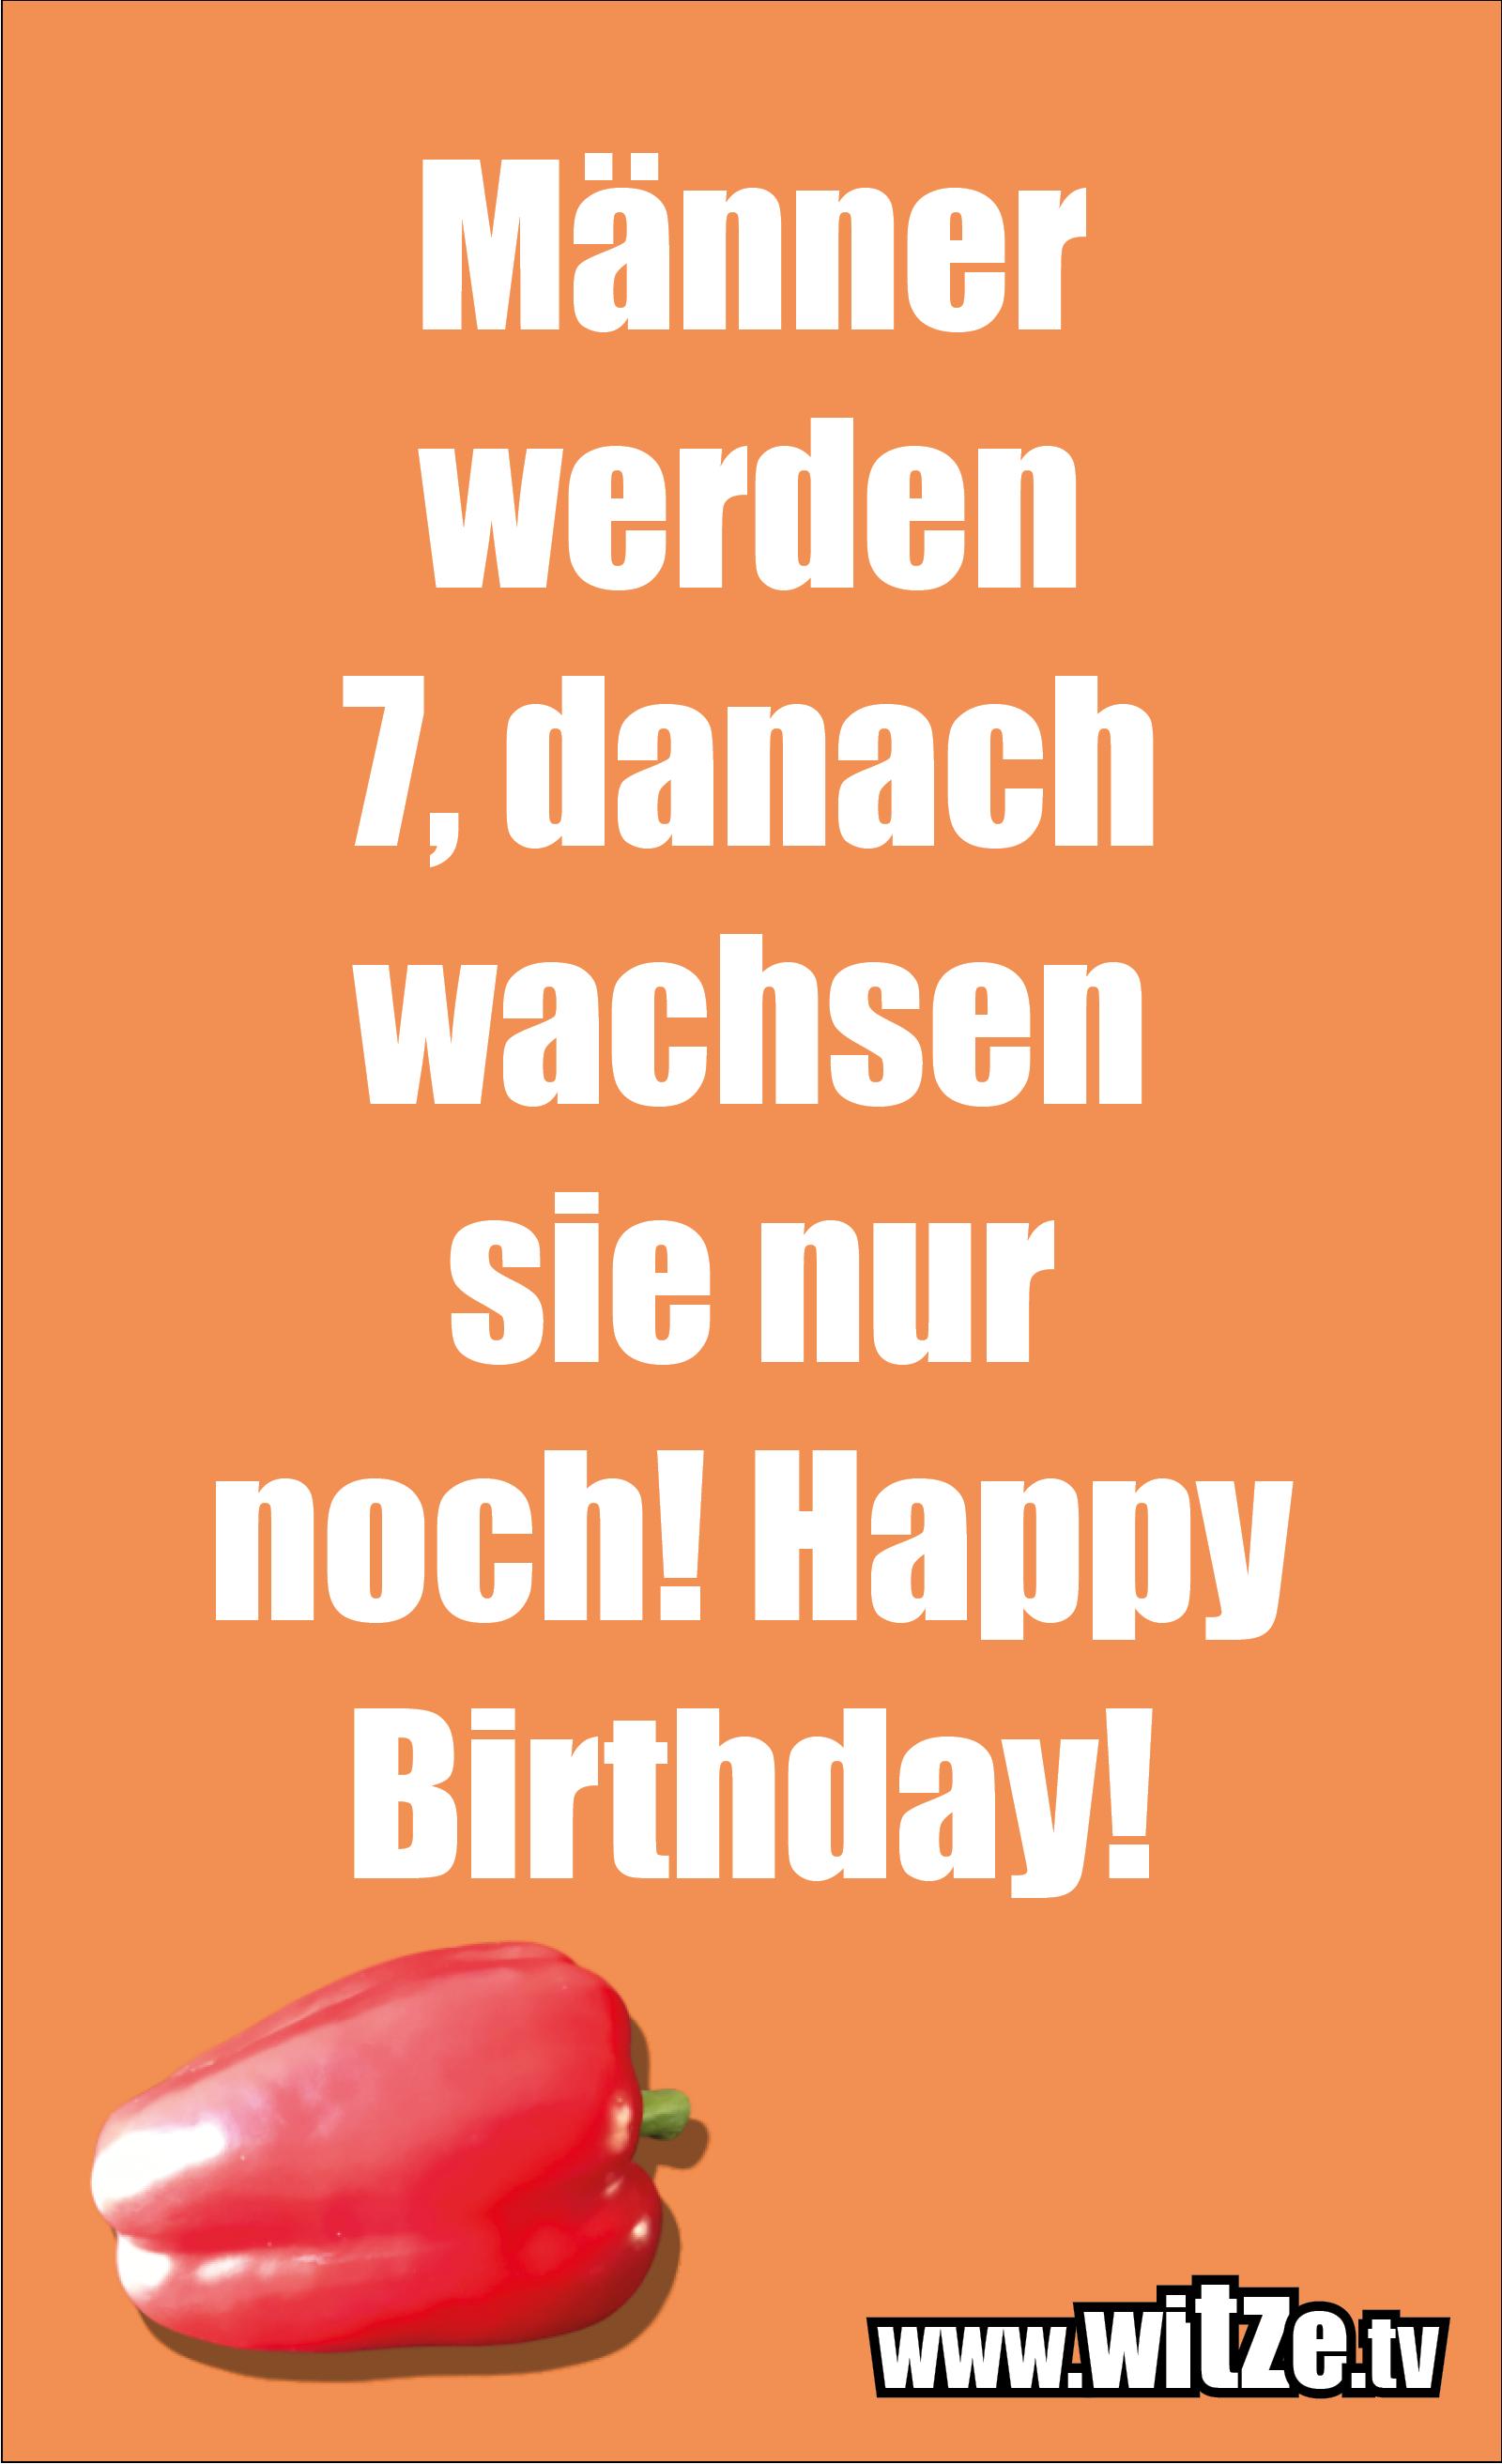 Lustige Geburtstagswünsche: Männer werden 7, danach wachsen sie nur noch! Happy Birthday!